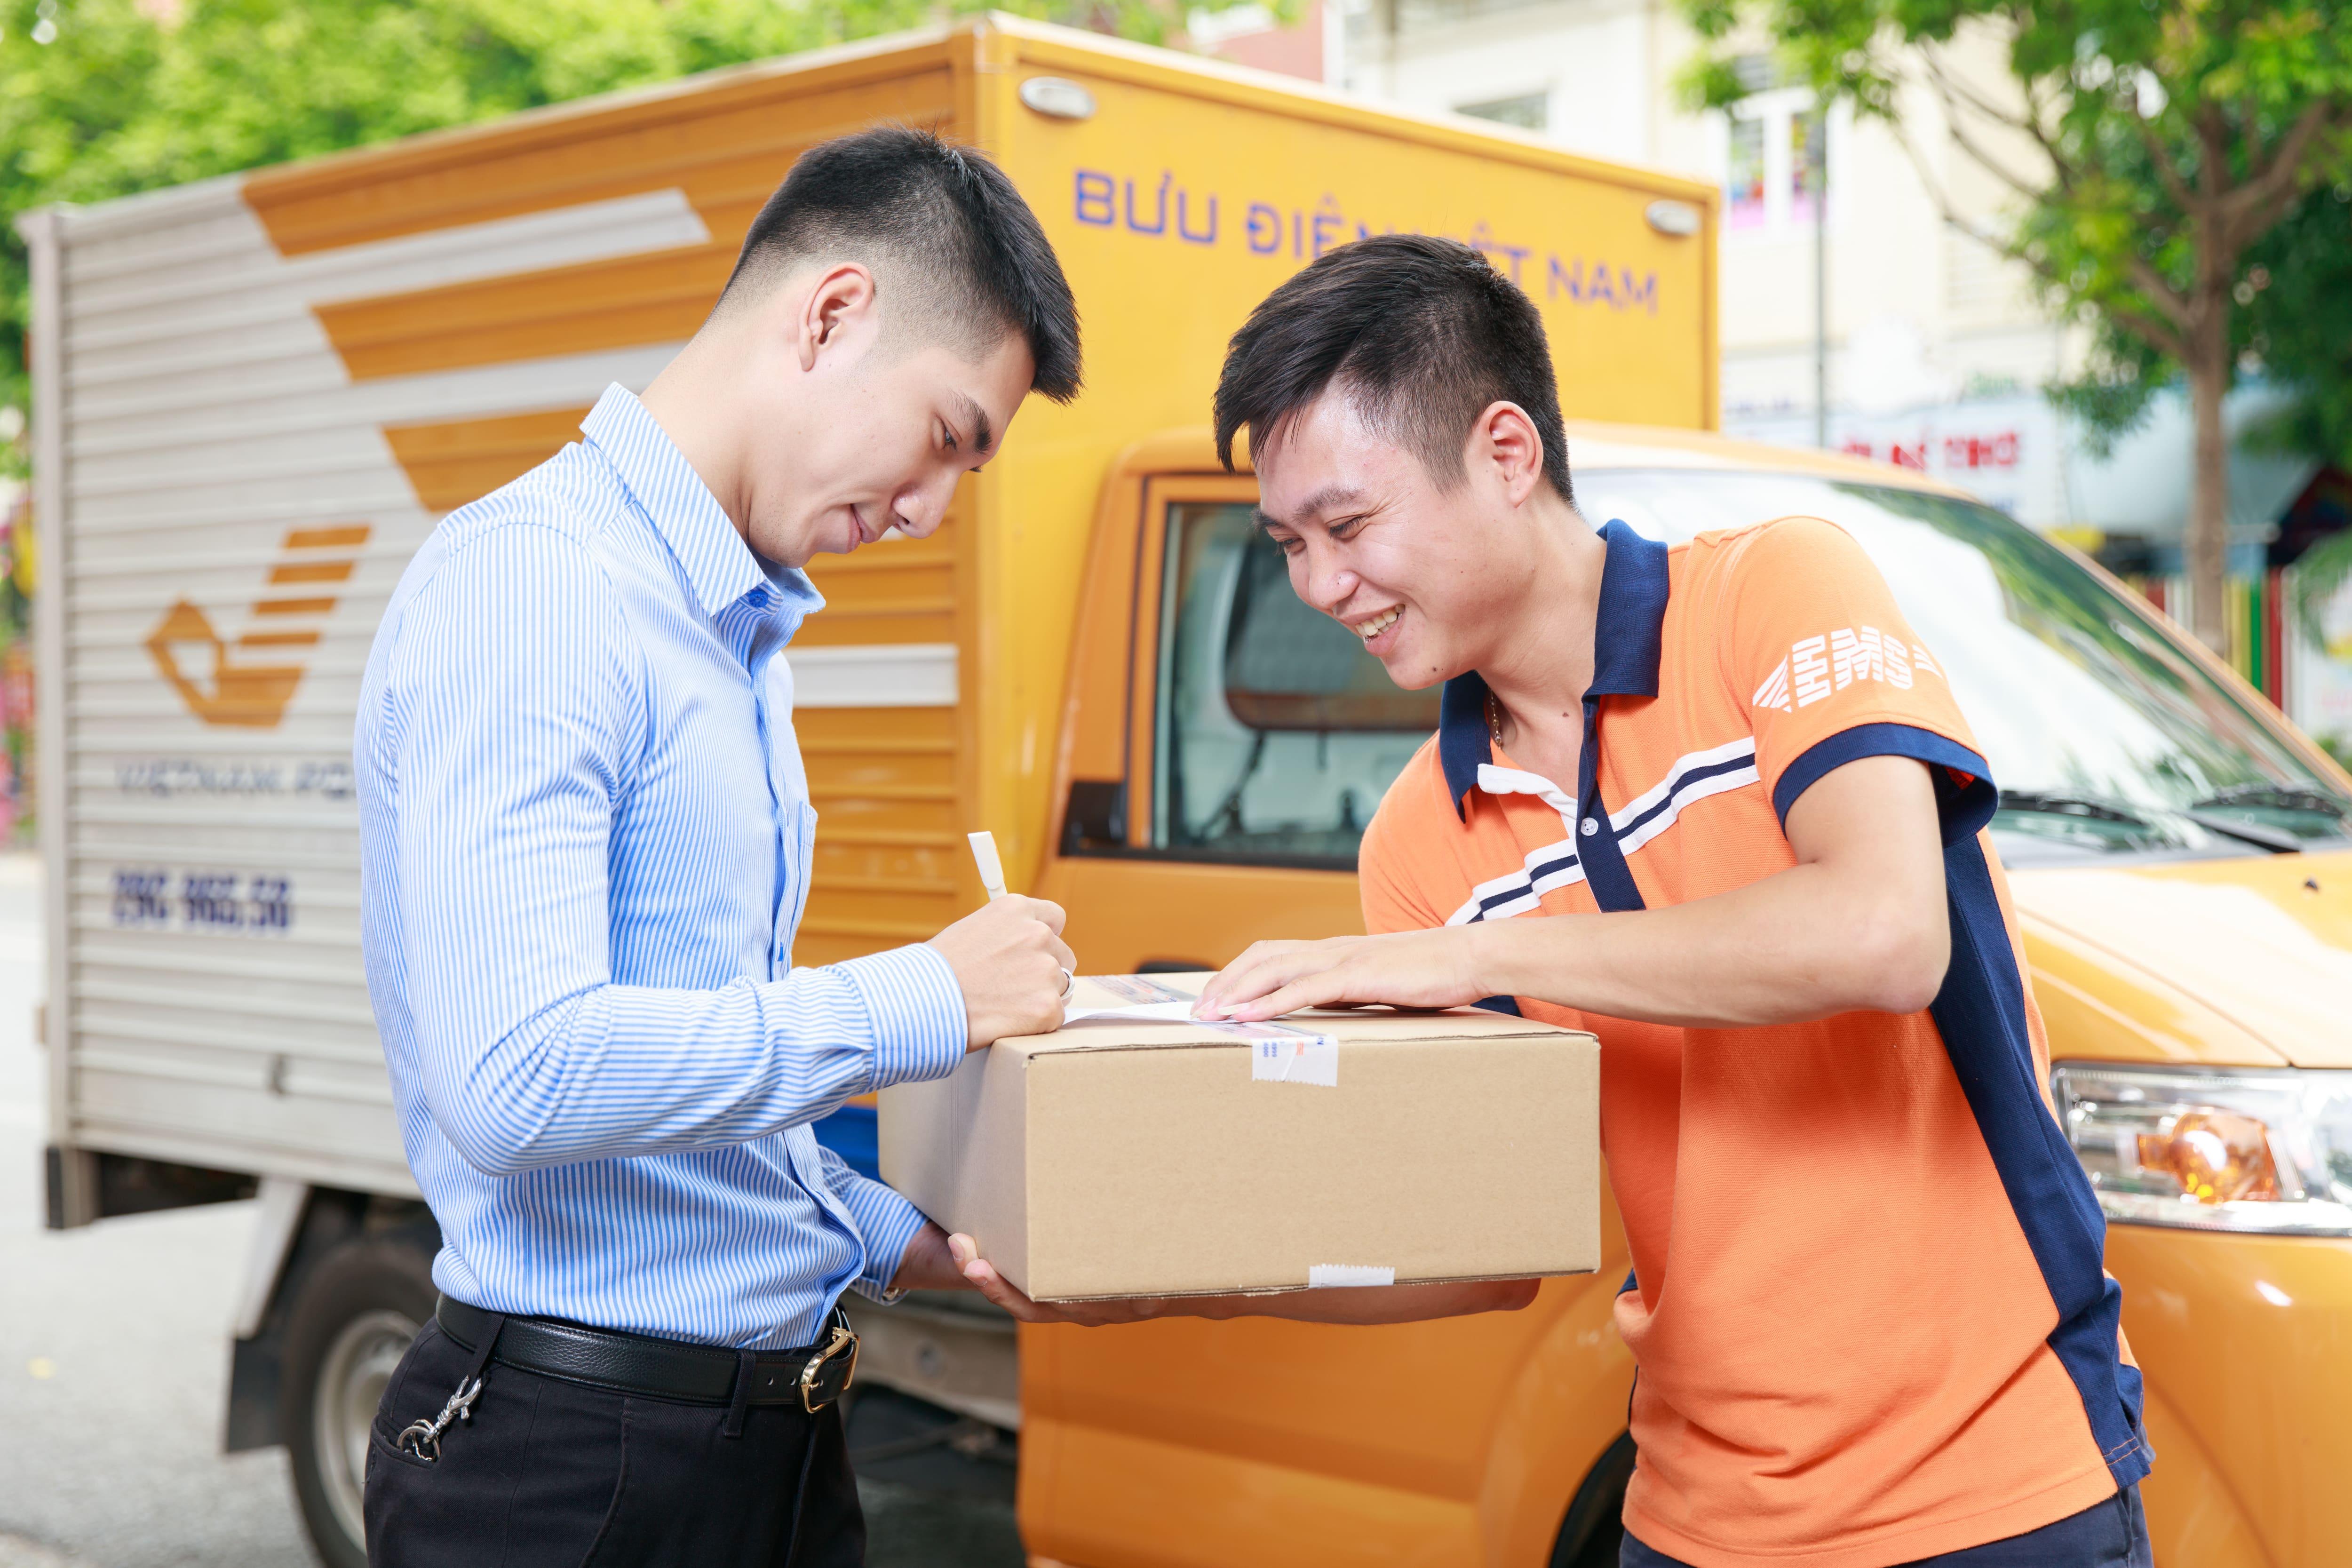 Chuyển phát nhanh Bưu điện – Hành trình xây dựng thương hiệu dịch vụ chuyển phát uy tín, chuyên nghiệp hàng đầu Việt Nam